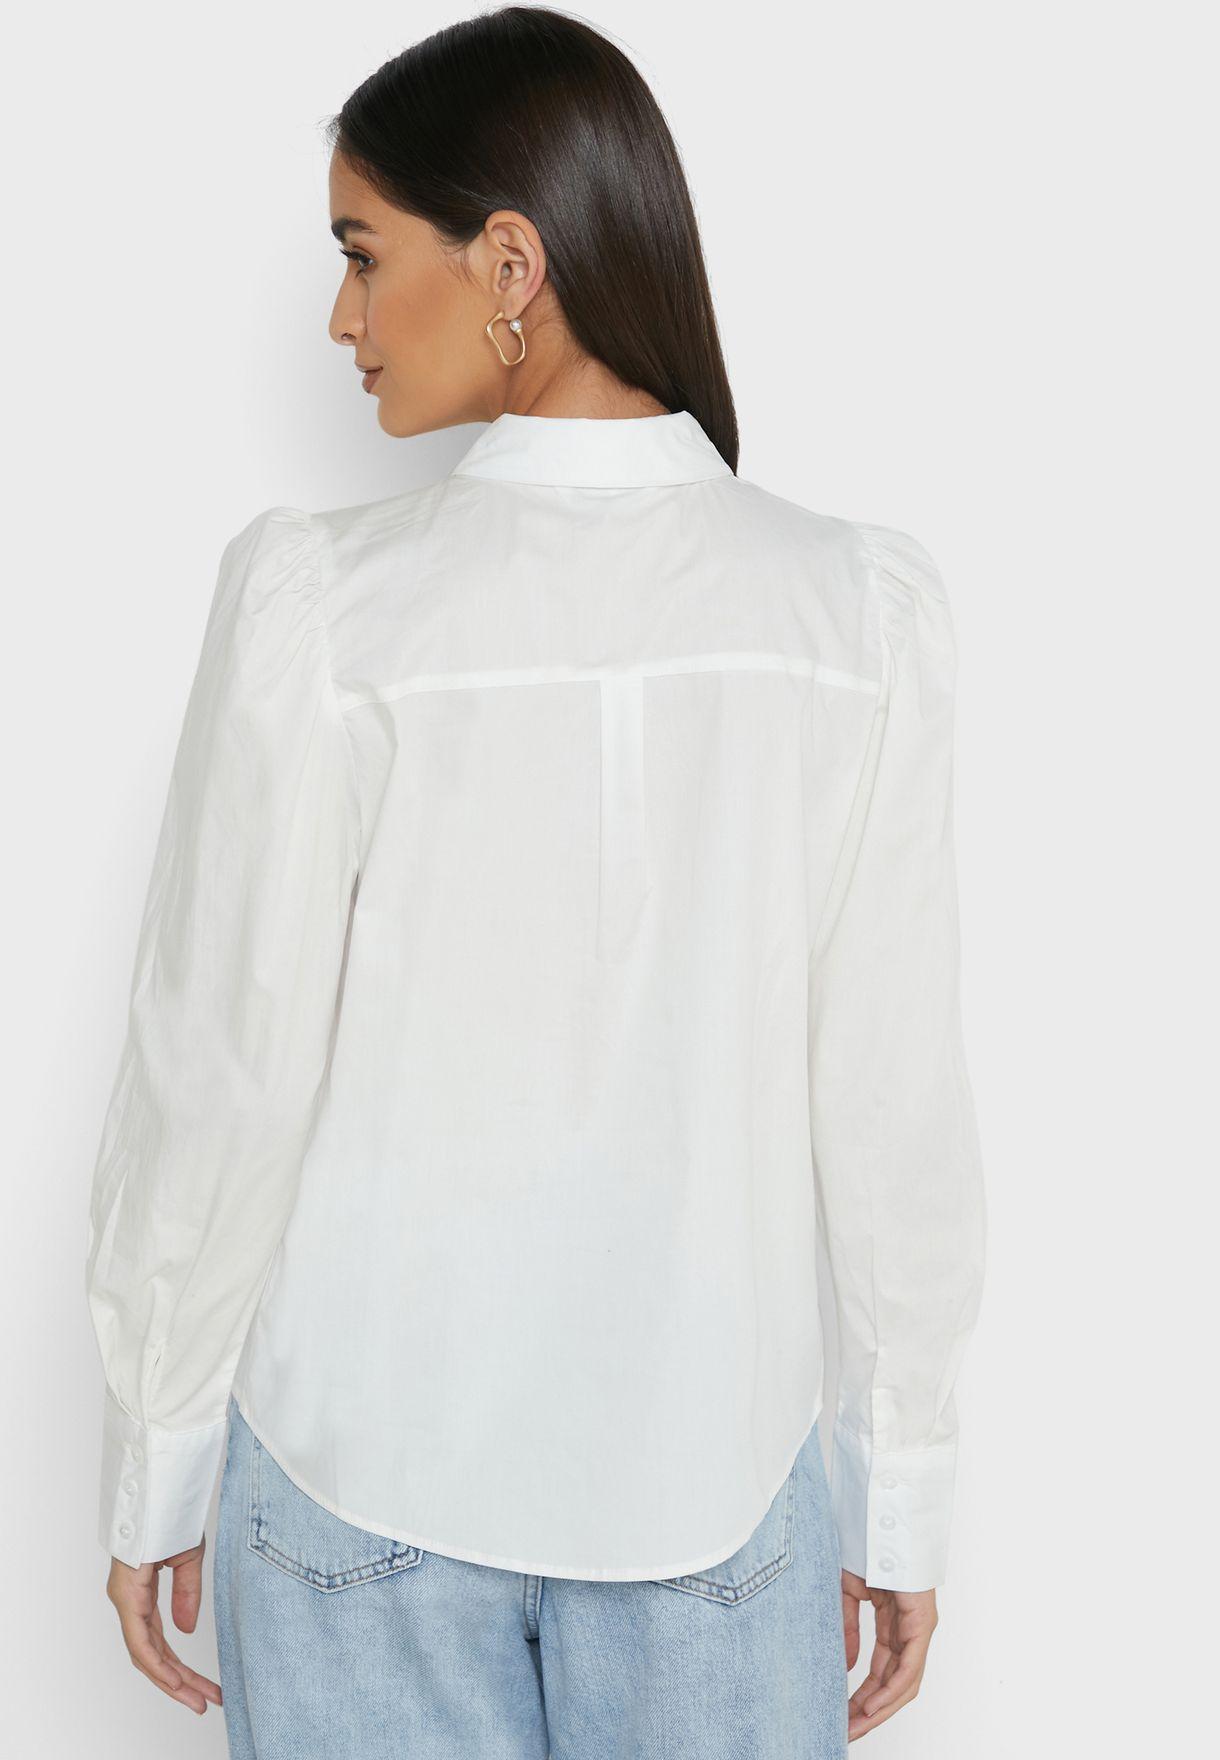 قميص بأكمام منفوشة